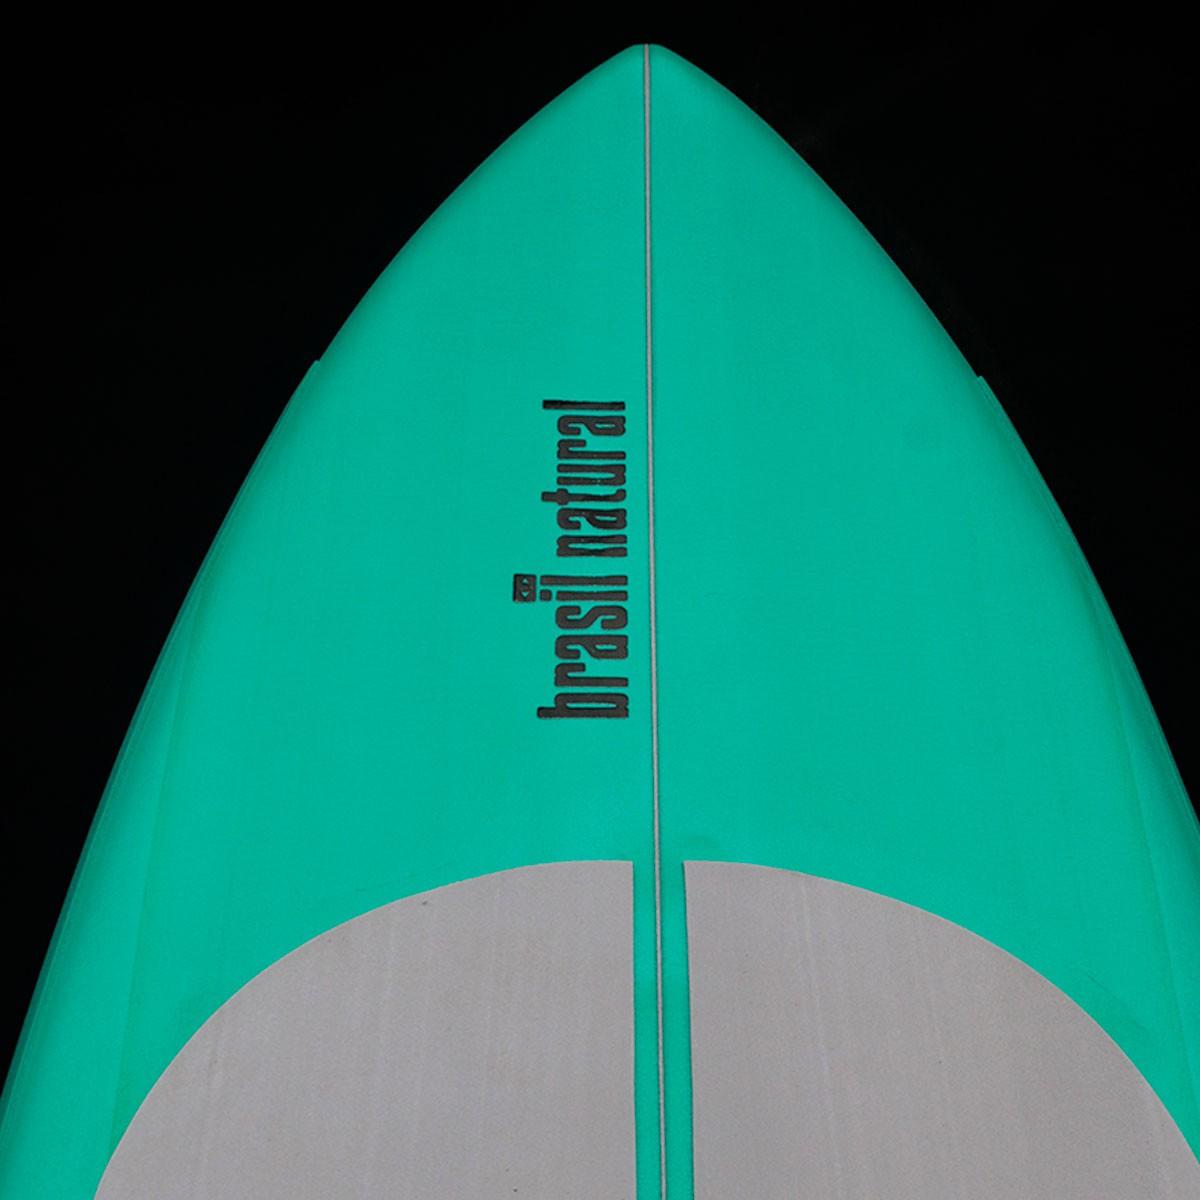 Prancha de stand up paddle 10 pés soft + kit remada - Outlet 18